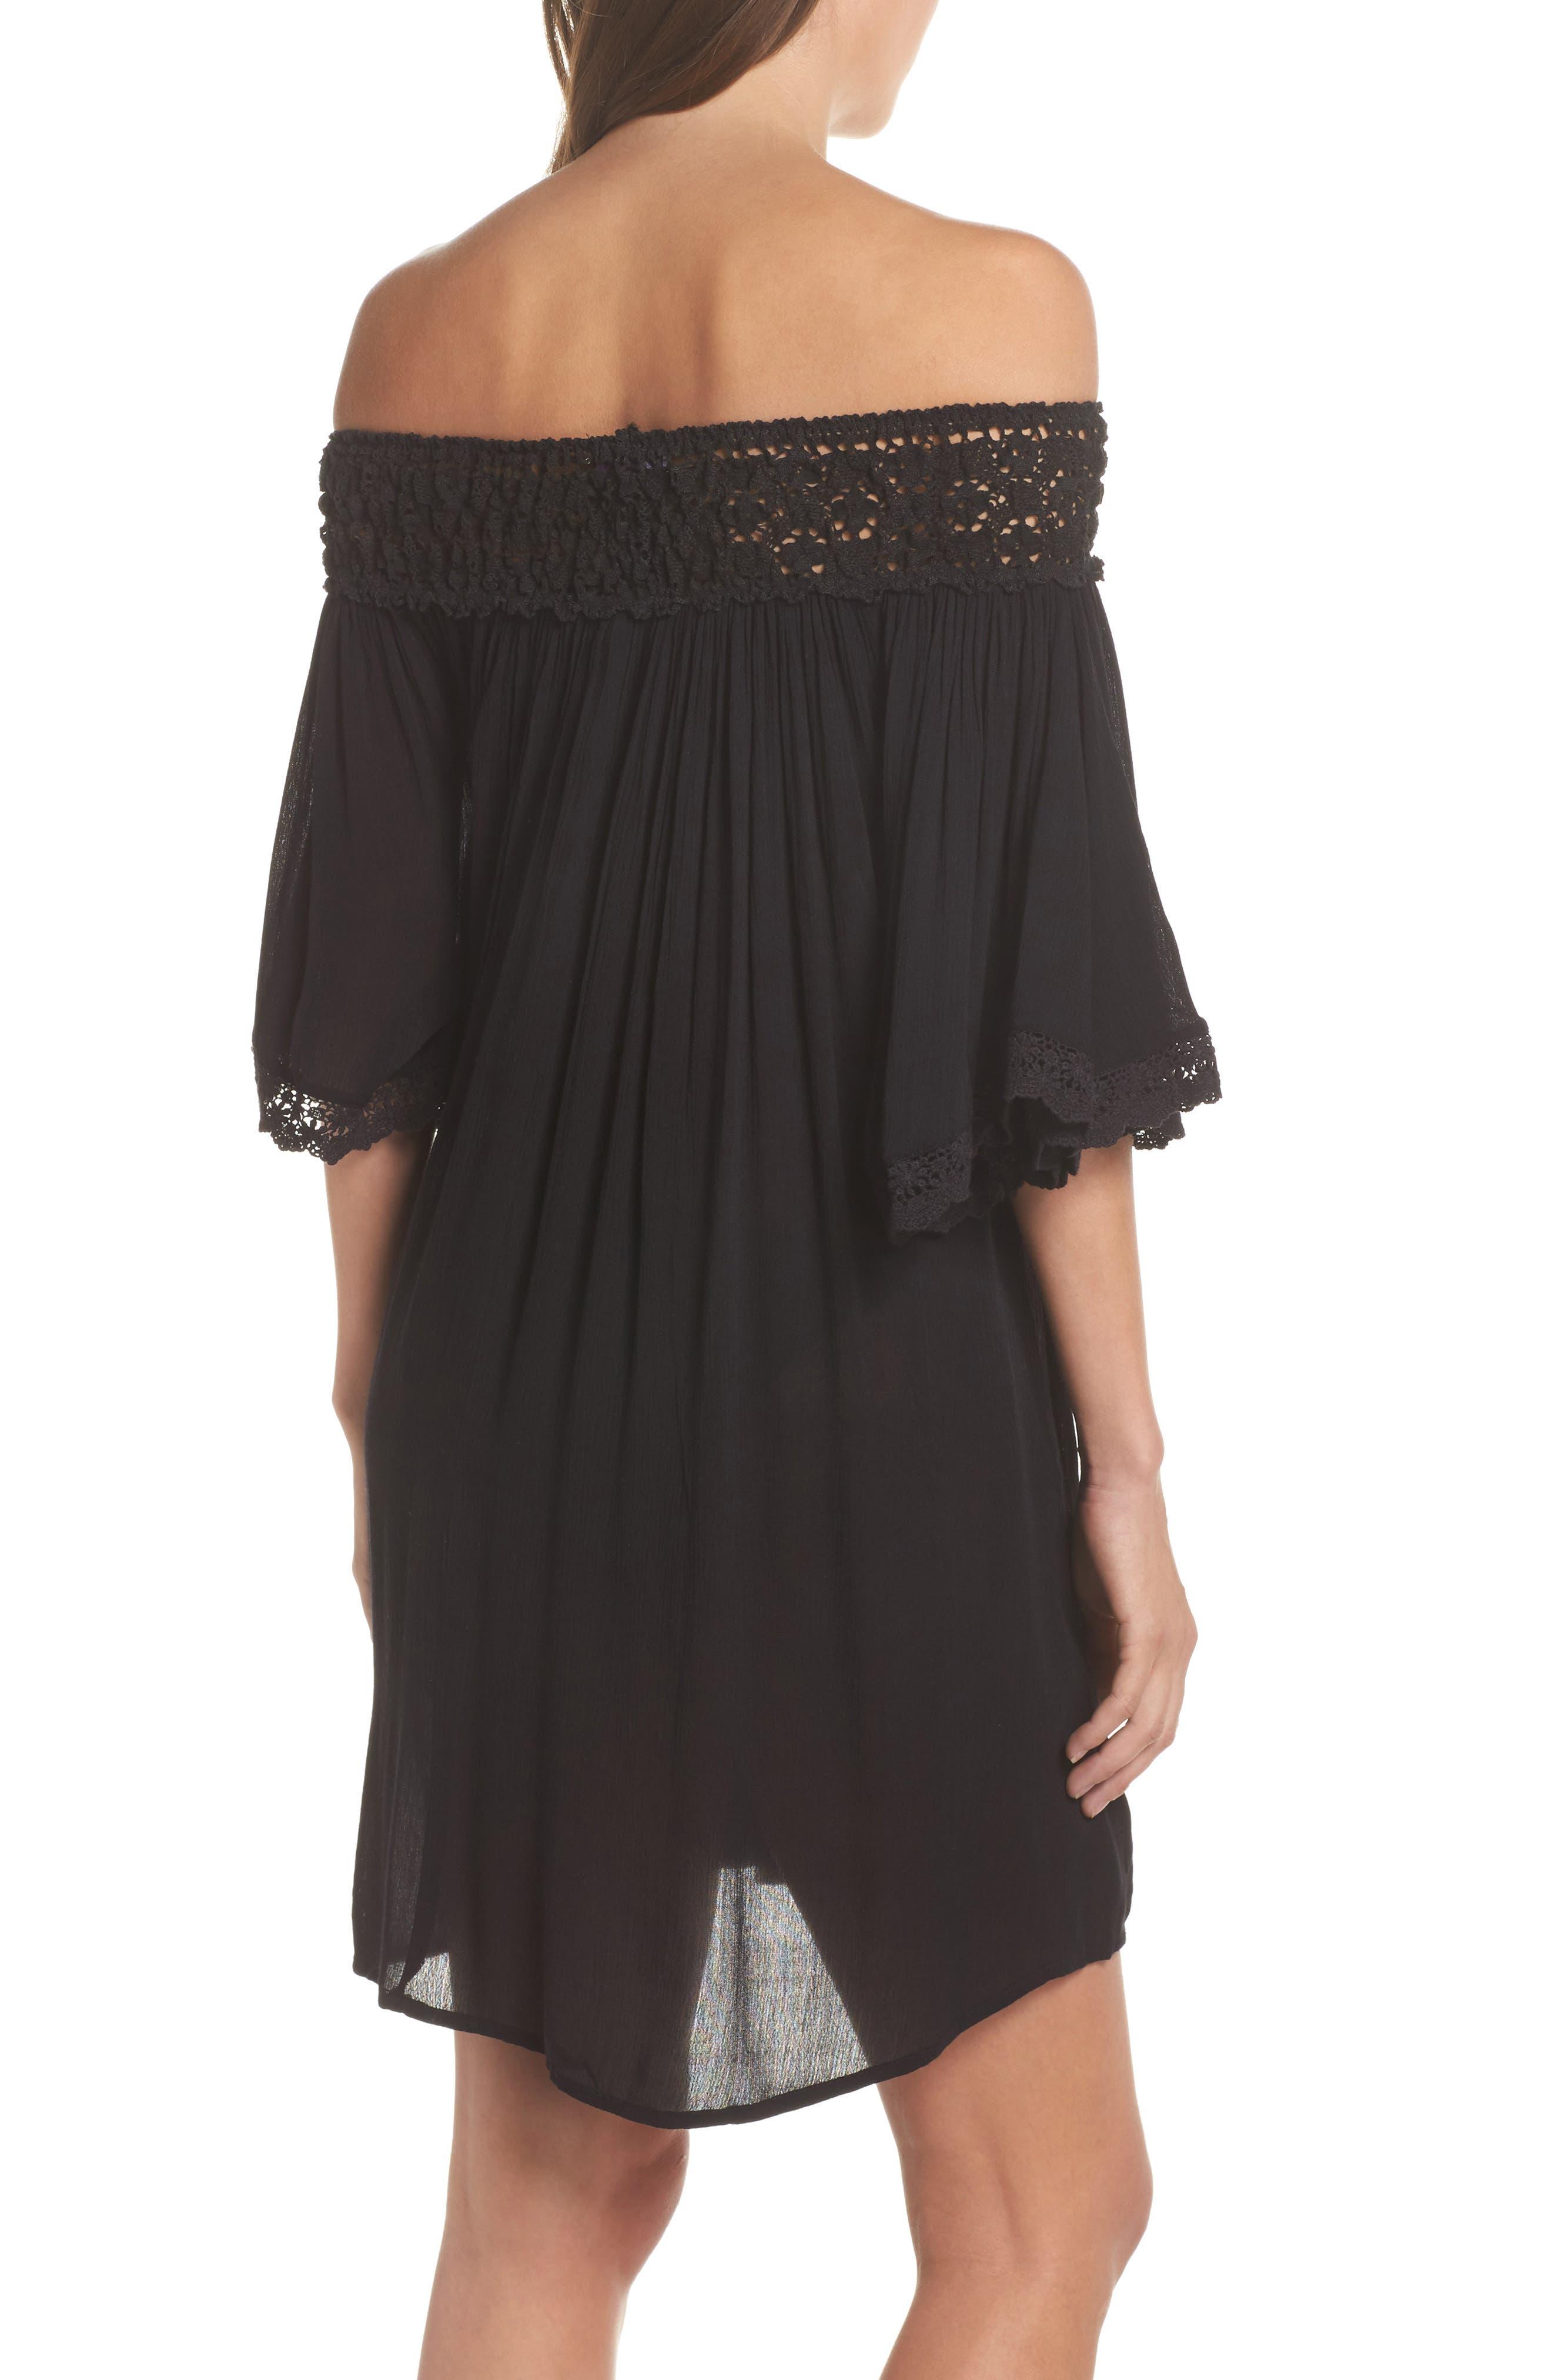 Rimini Crochet Cover-Up Dress,                             Alternate thumbnail 2, color,                             Black